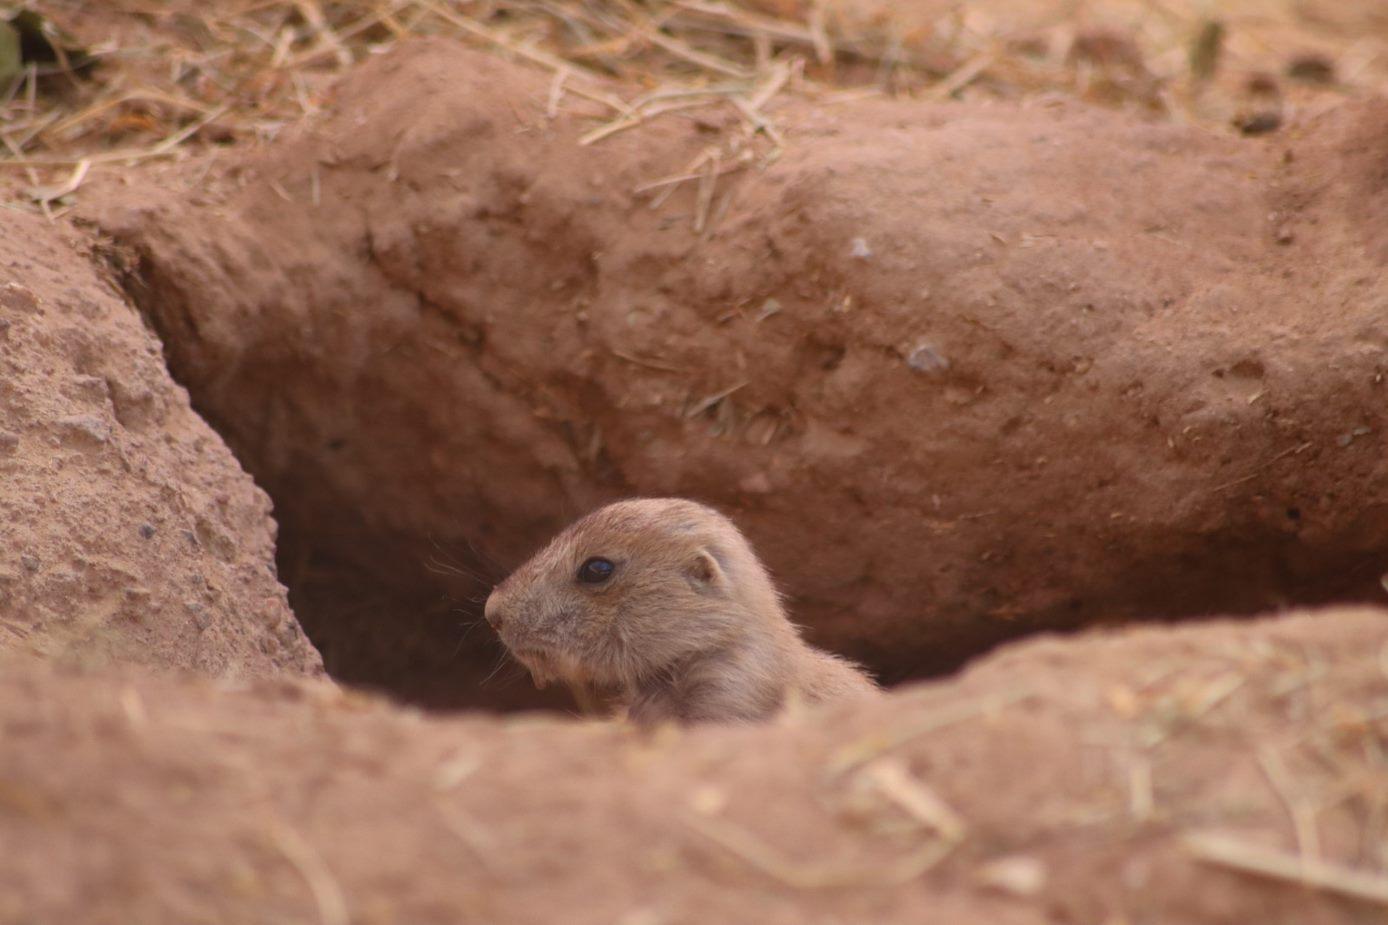 Courtesy: El Paso Zoo